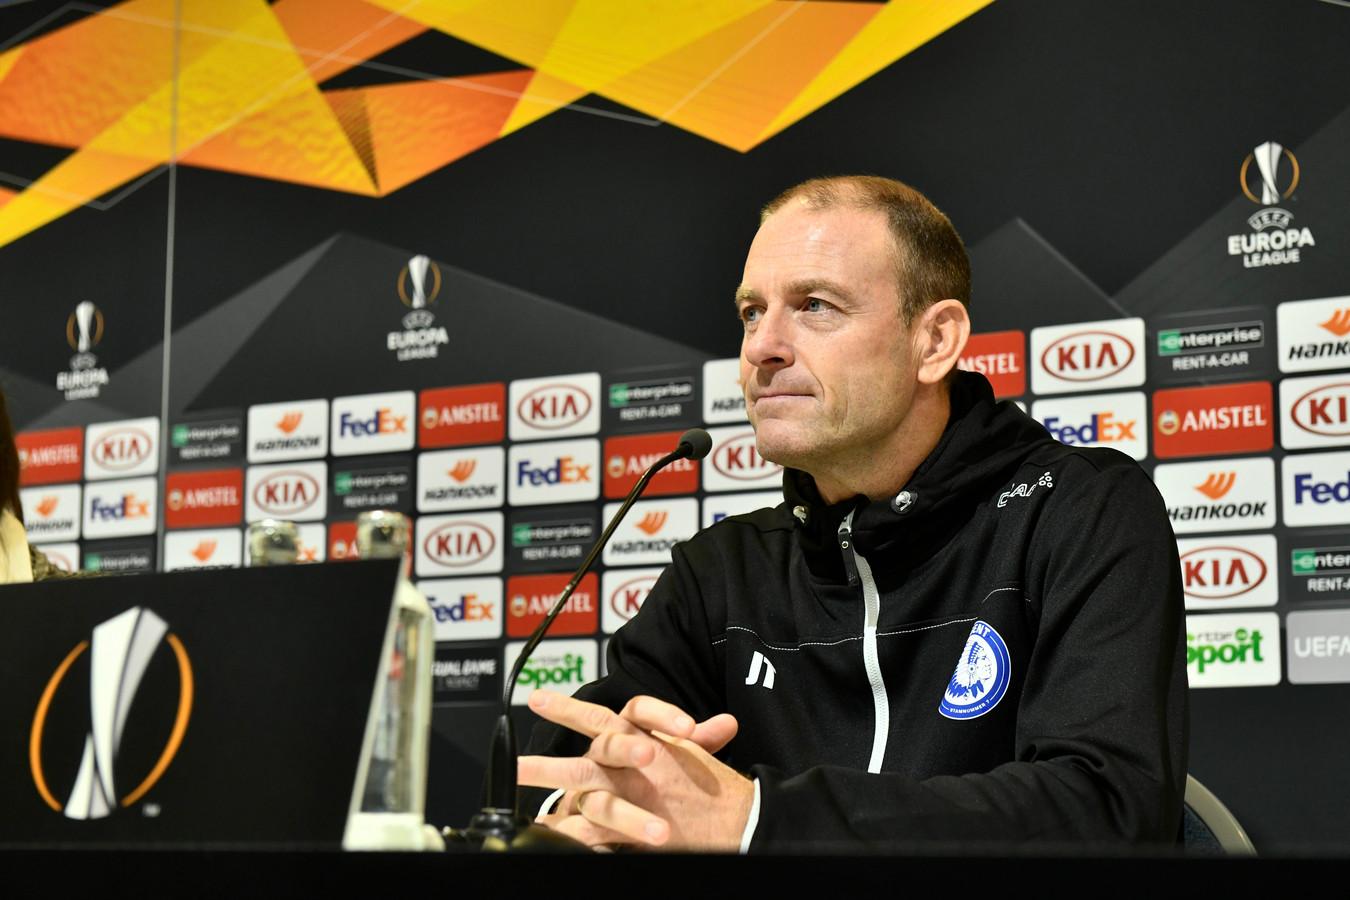 Jess Thorup est apparu confiant en conférence de presse à la veille du match retour contre la Roma en Euopa League.